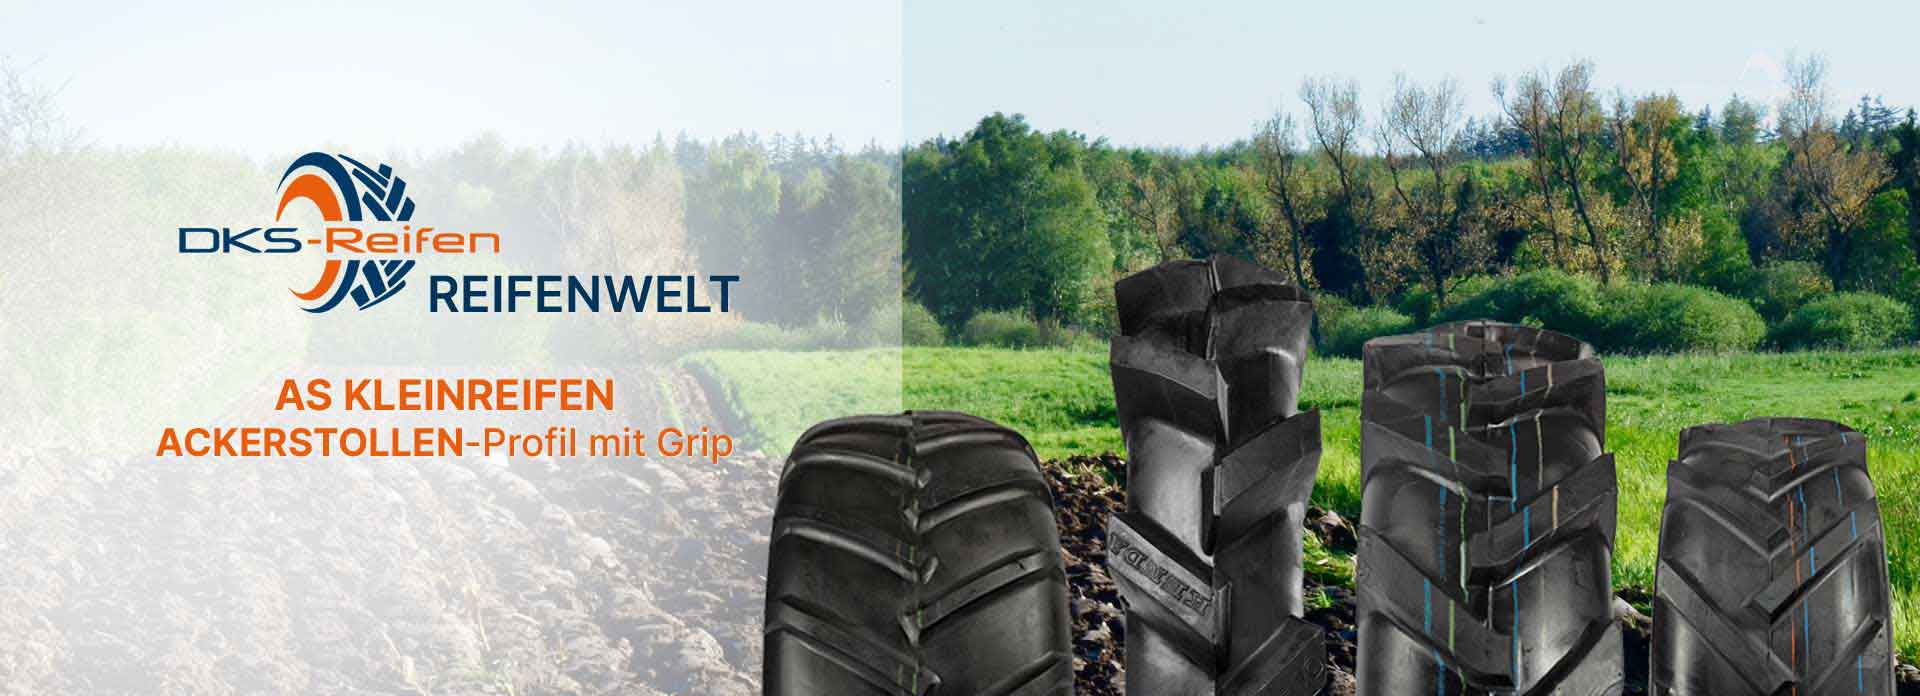 AS Kleinreifen von DKS Reifen: Topqualität zum interresanten Preis